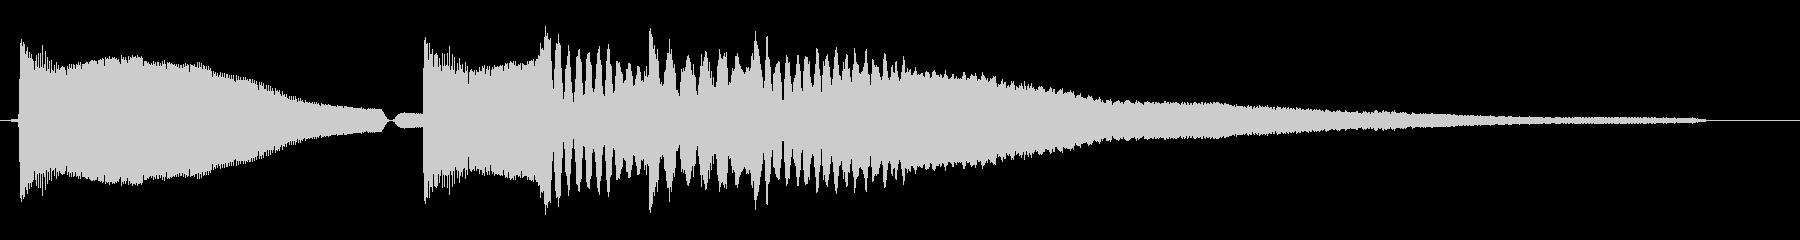 ポンピポポピ〜ン(弾むようなチャイム音)の未再生の波形